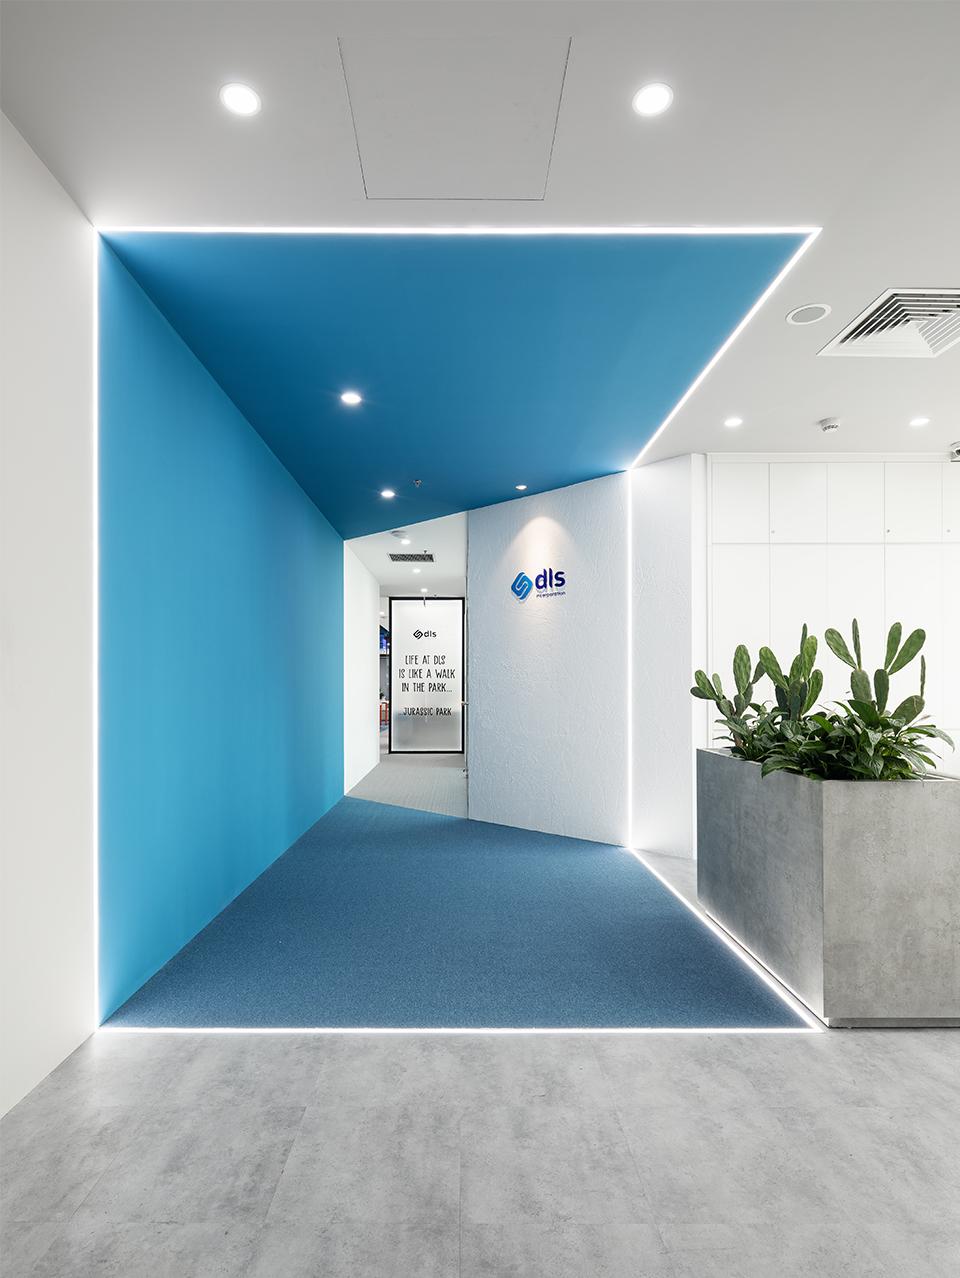 Lối vào sảnh văn phòng công ty DLS